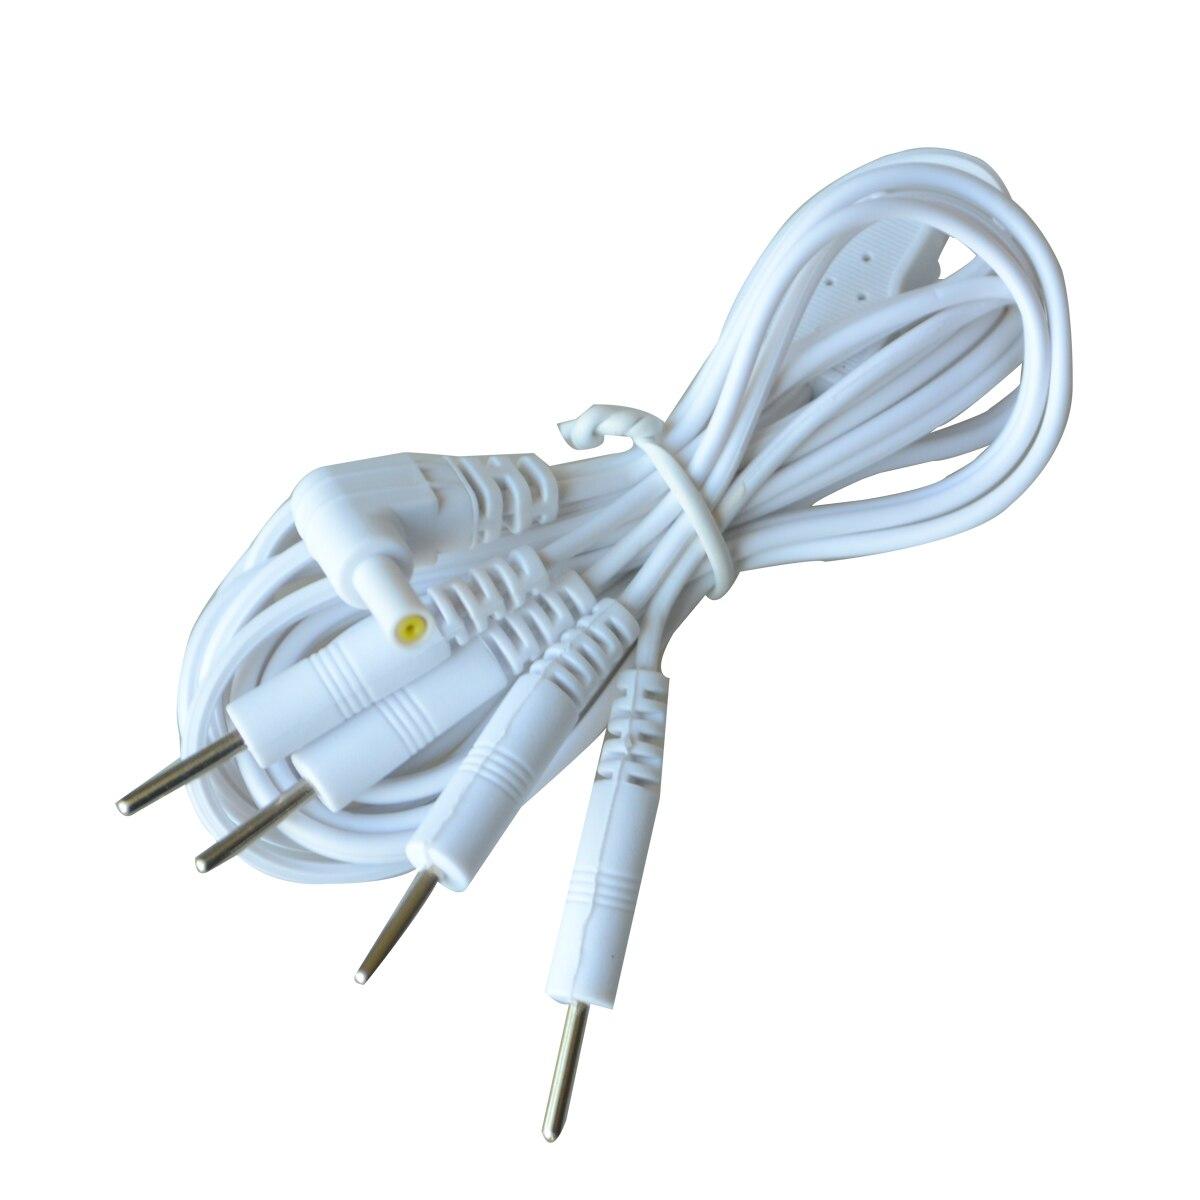 100 шт. Pin 2,35 мм 4 в 1 Head электрода кабель Линия разъема провод цифровые иглоукалывания терапия машина иглы лечение провода